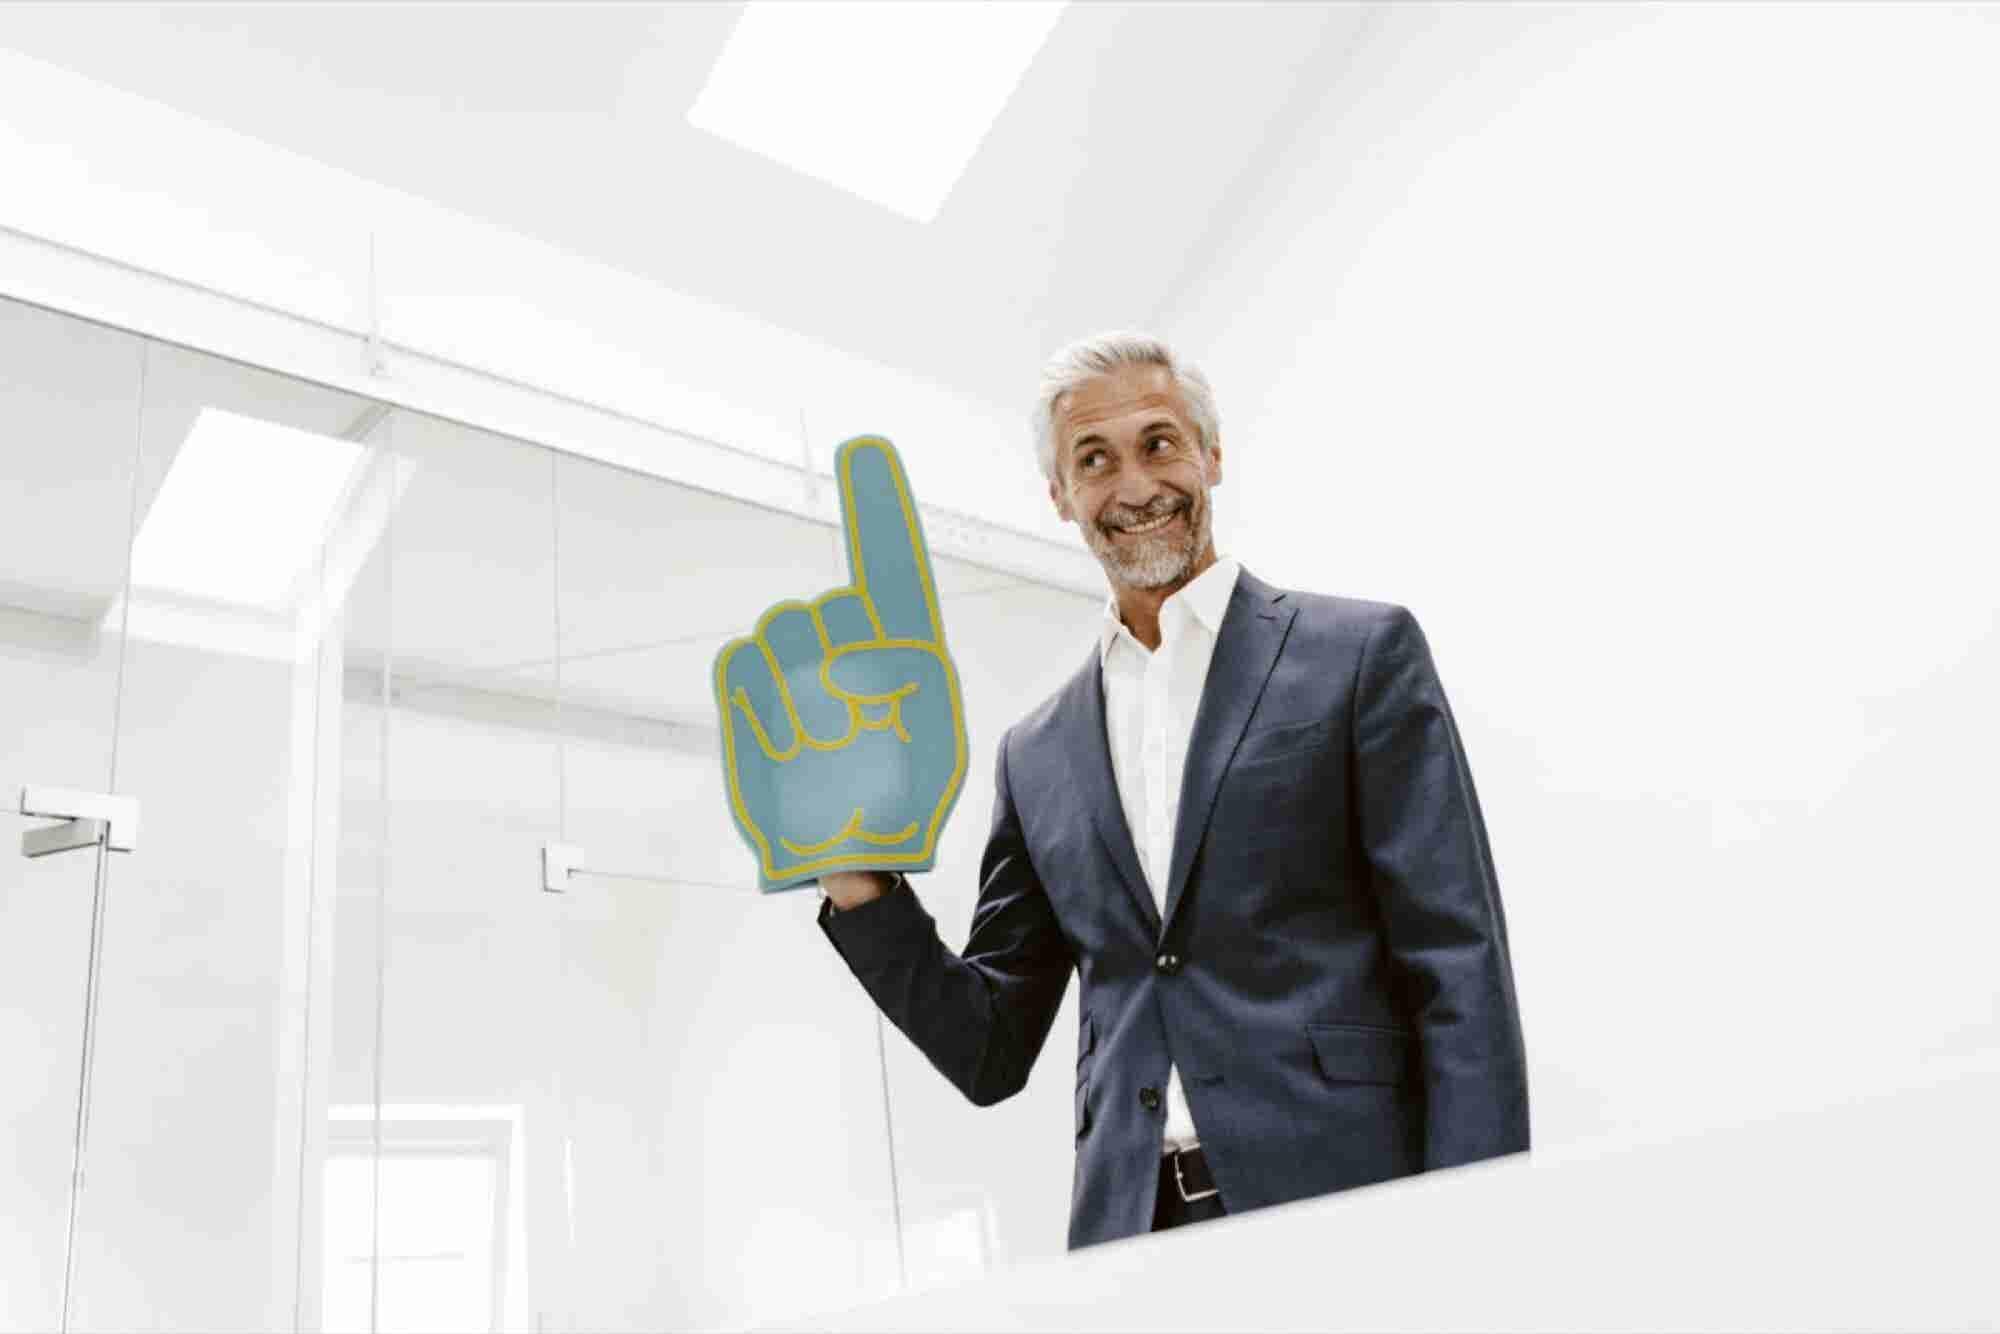 10 Ways Self-Awareness Can Make You a Horrible Boss